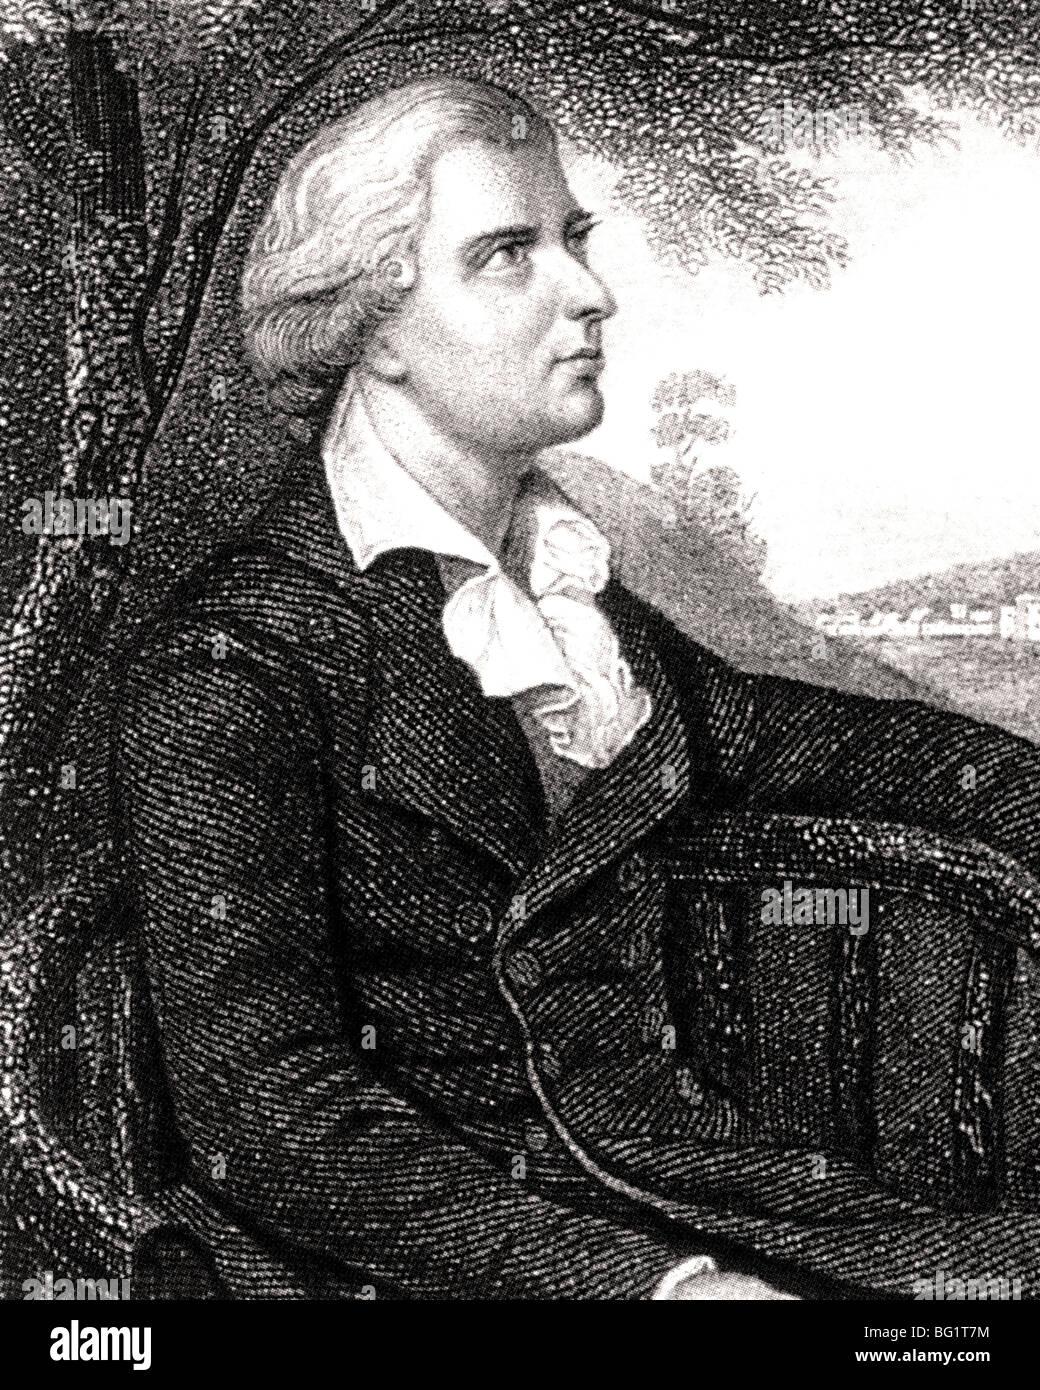 FRIEDRICH von SCHILLER - German dramatist, poet and historian (1759-1805) - Stock Image